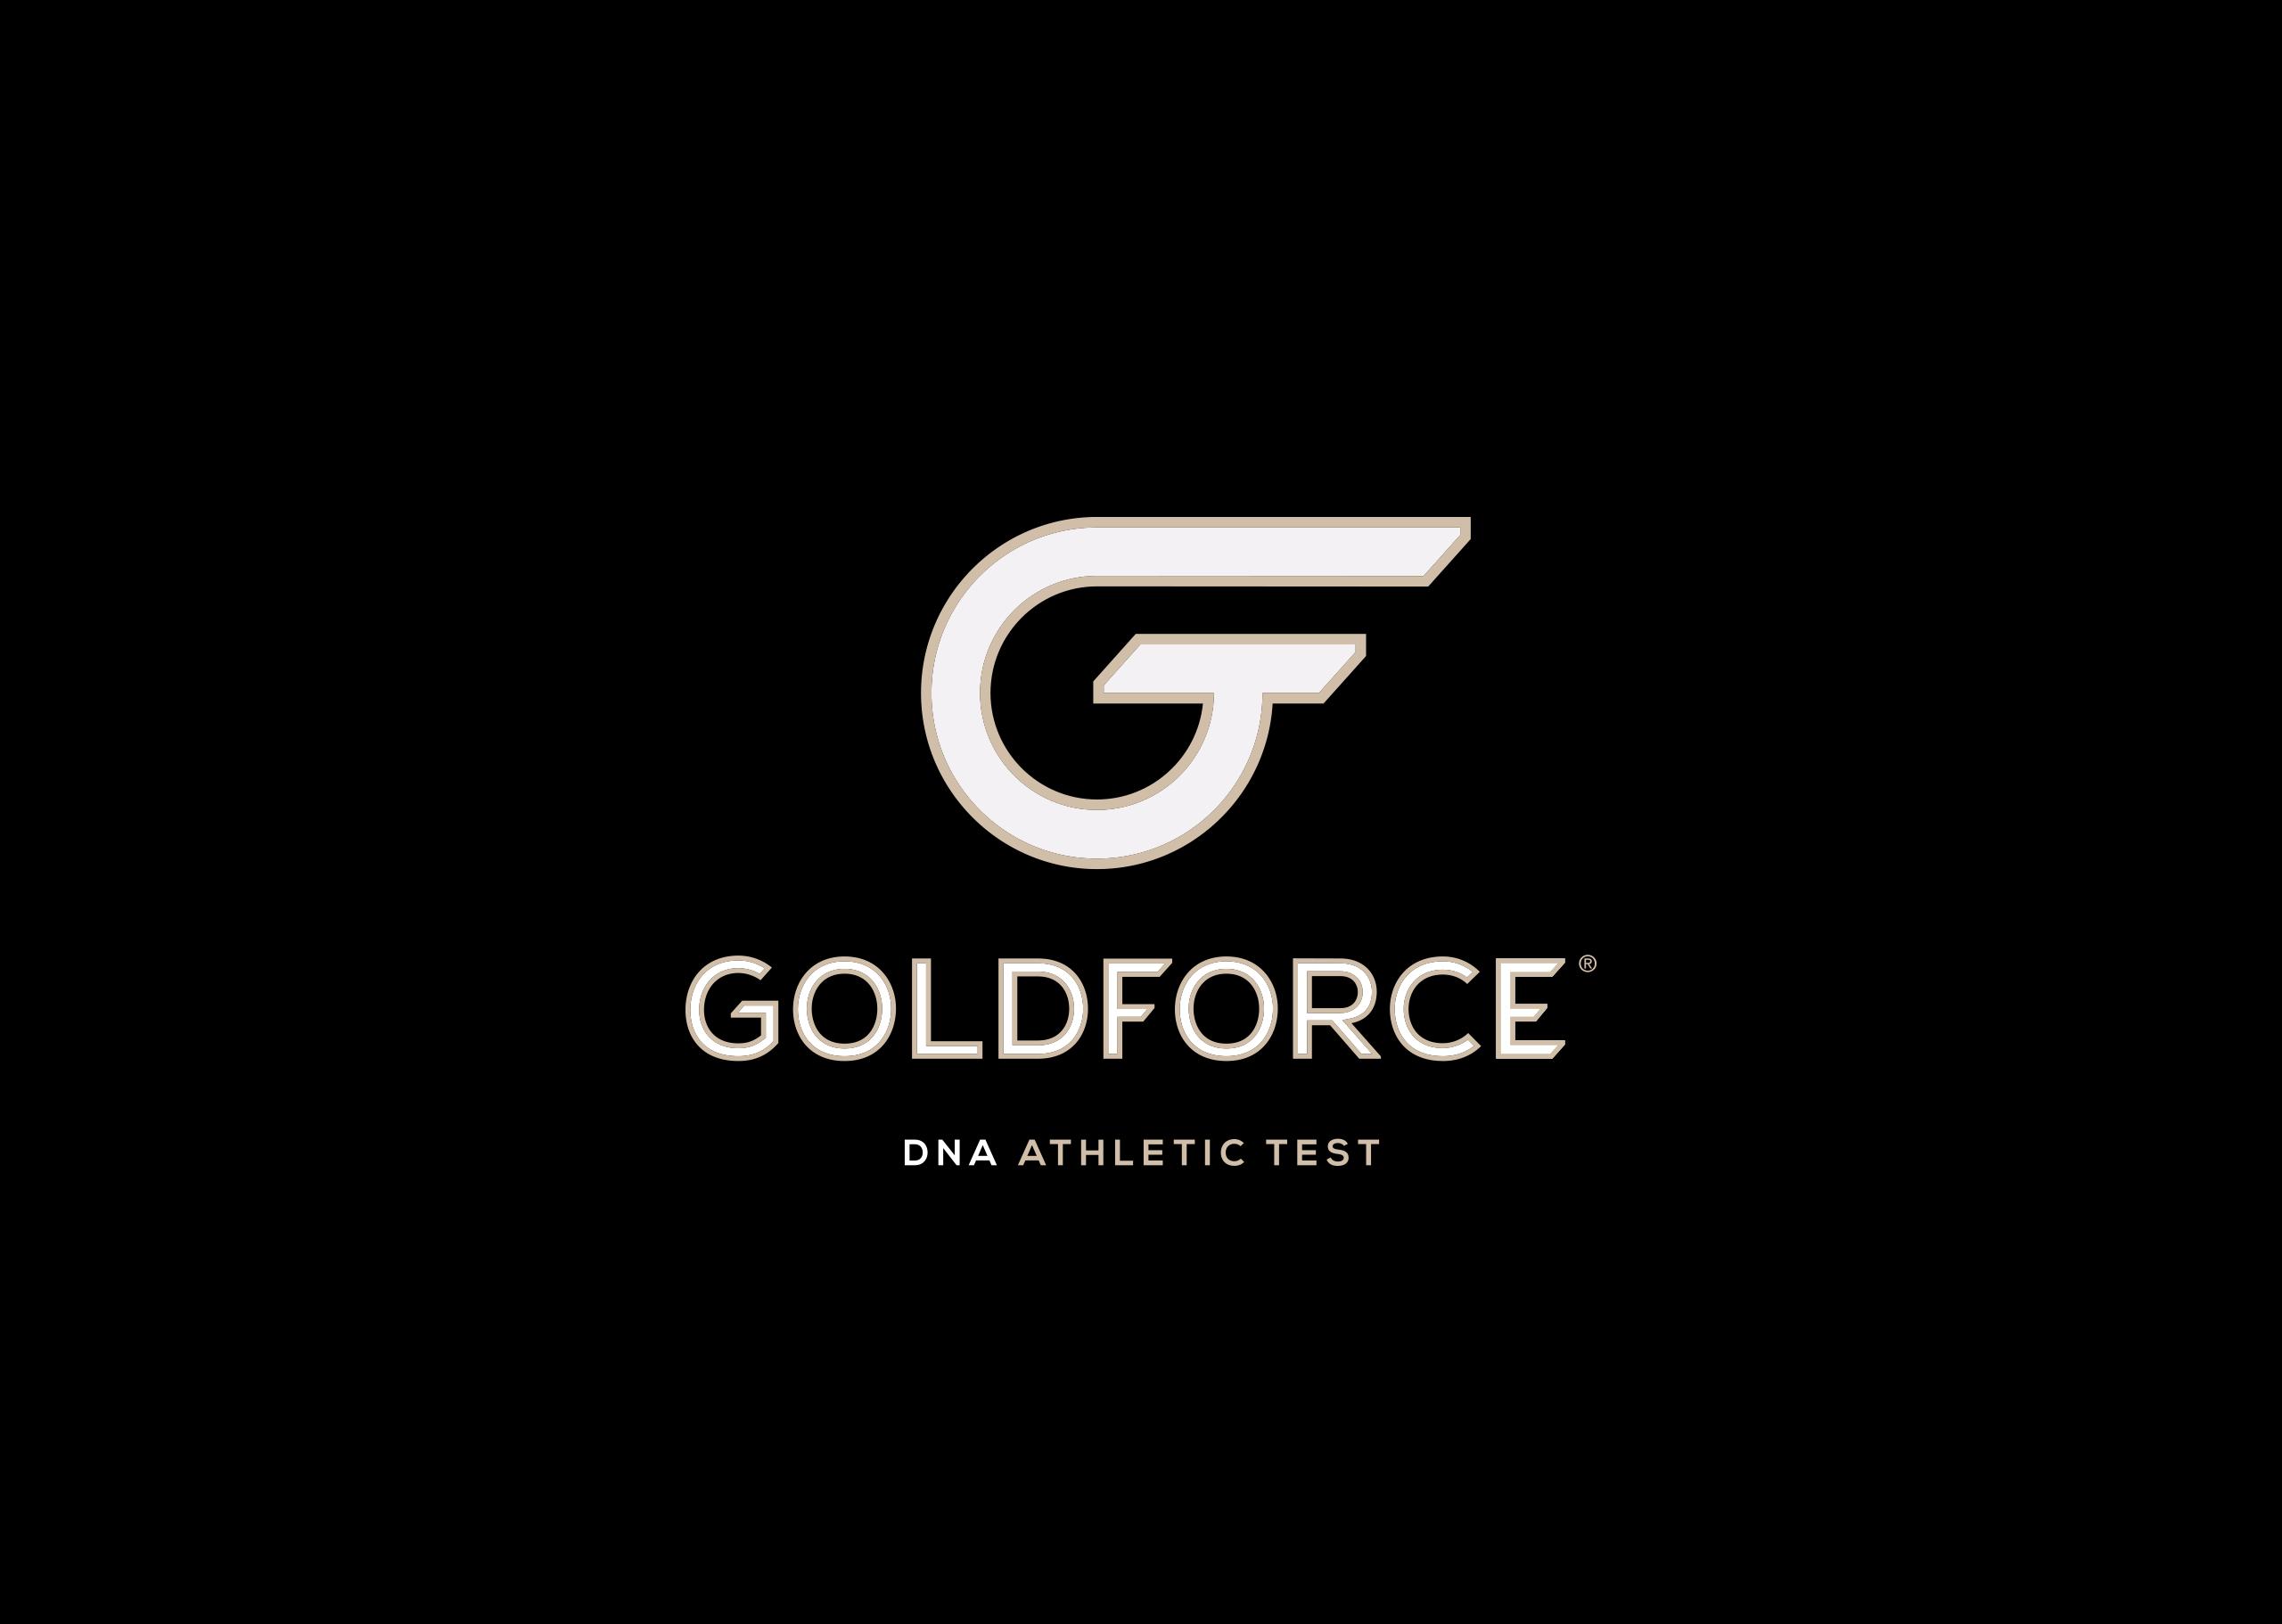 GoldForce